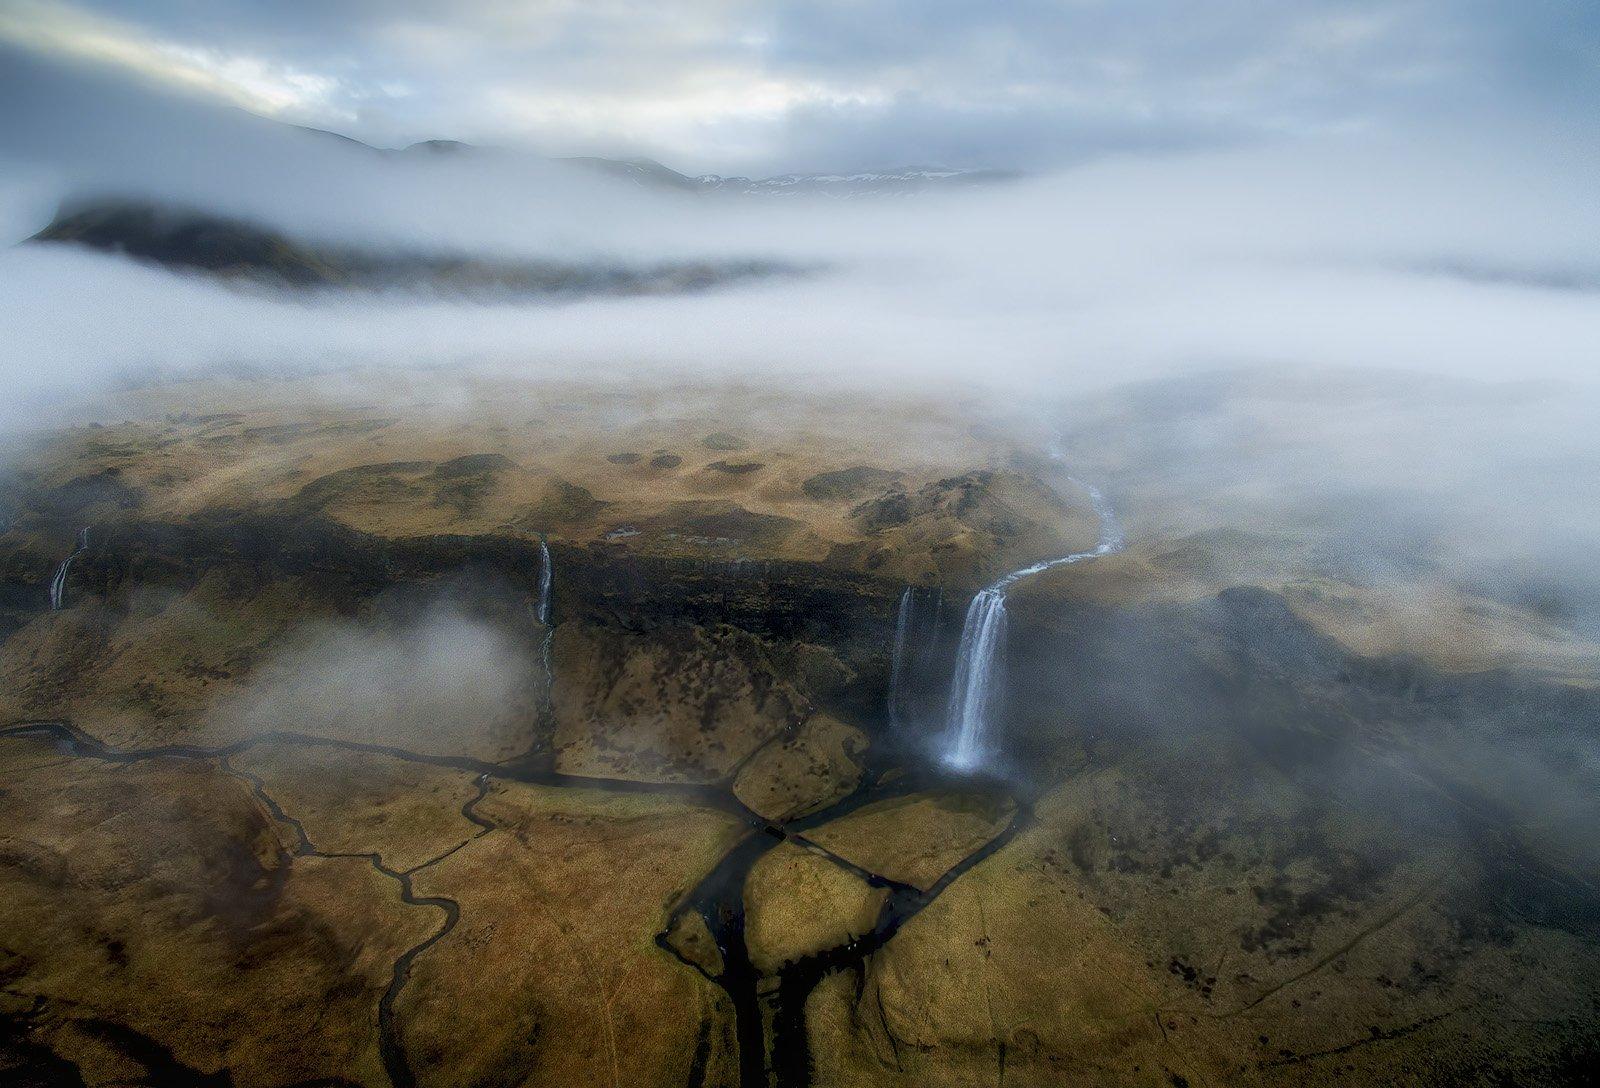 сильяналандфосс водопад исландия дронофотография, Alex Mimo